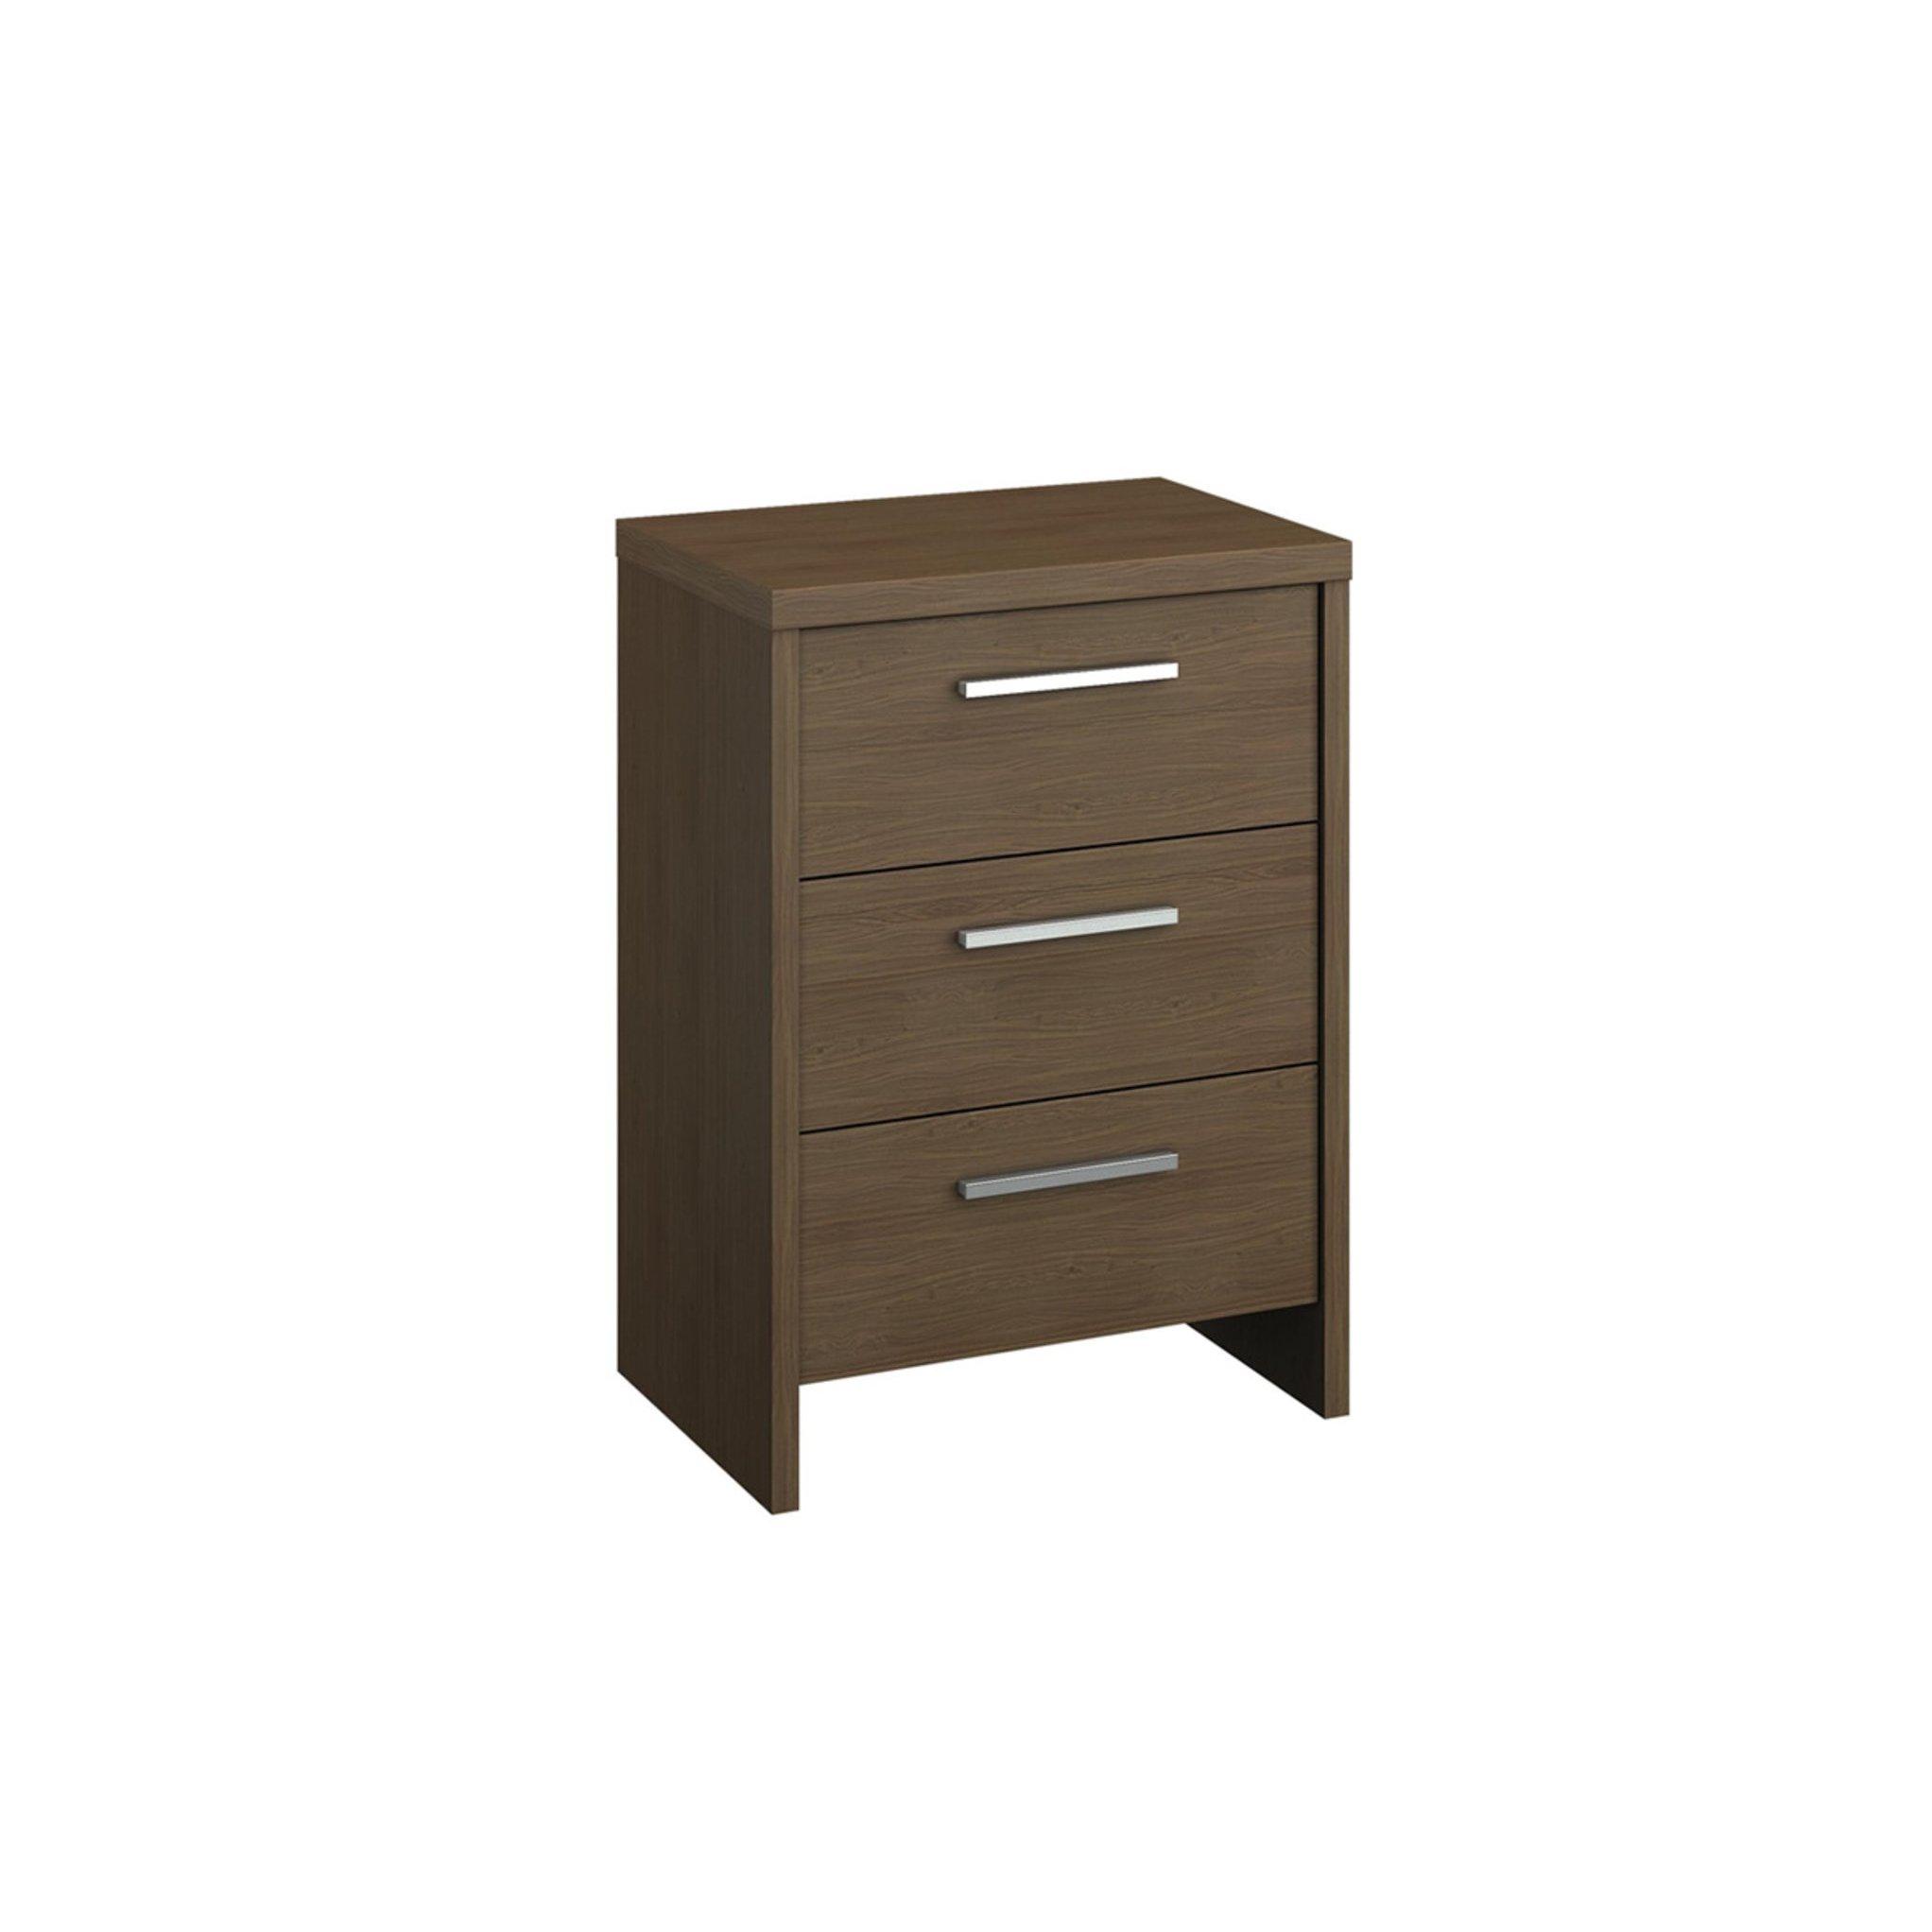 image-Mirabel 3 Drawer Bedside Table